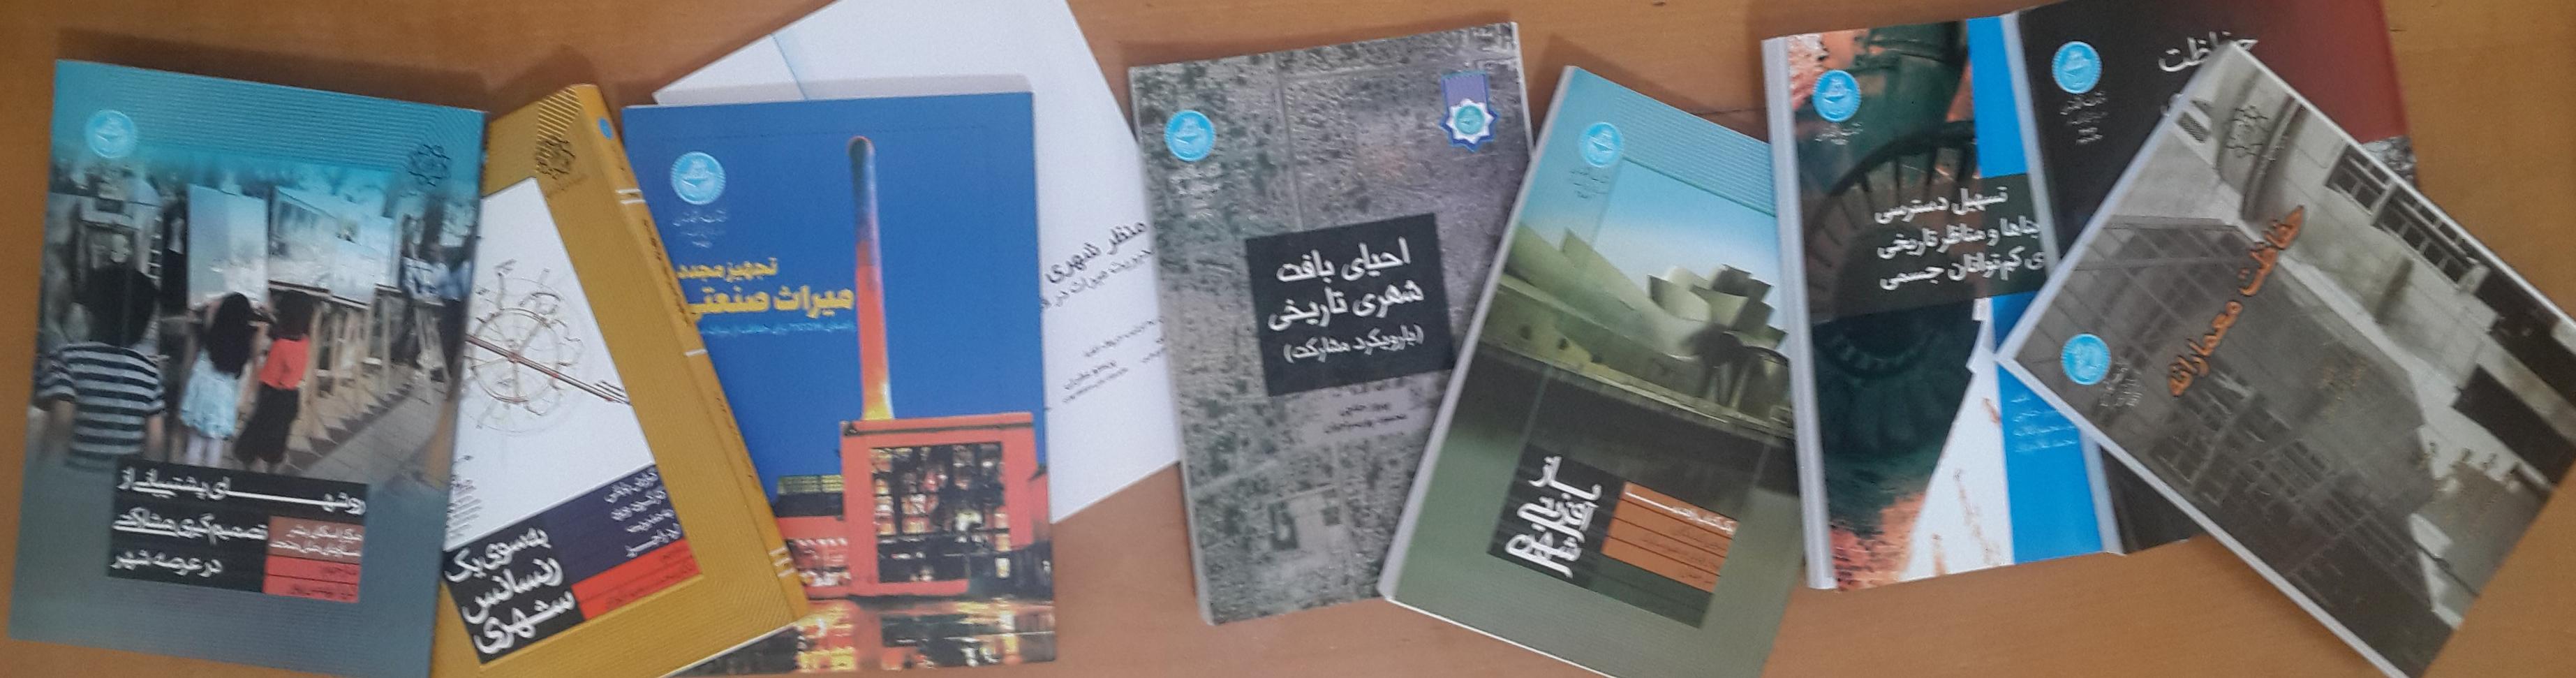 تعدادی از کتابهای منتشر شده توسط مؤسسه پژوهشی فرهنگ و هنر